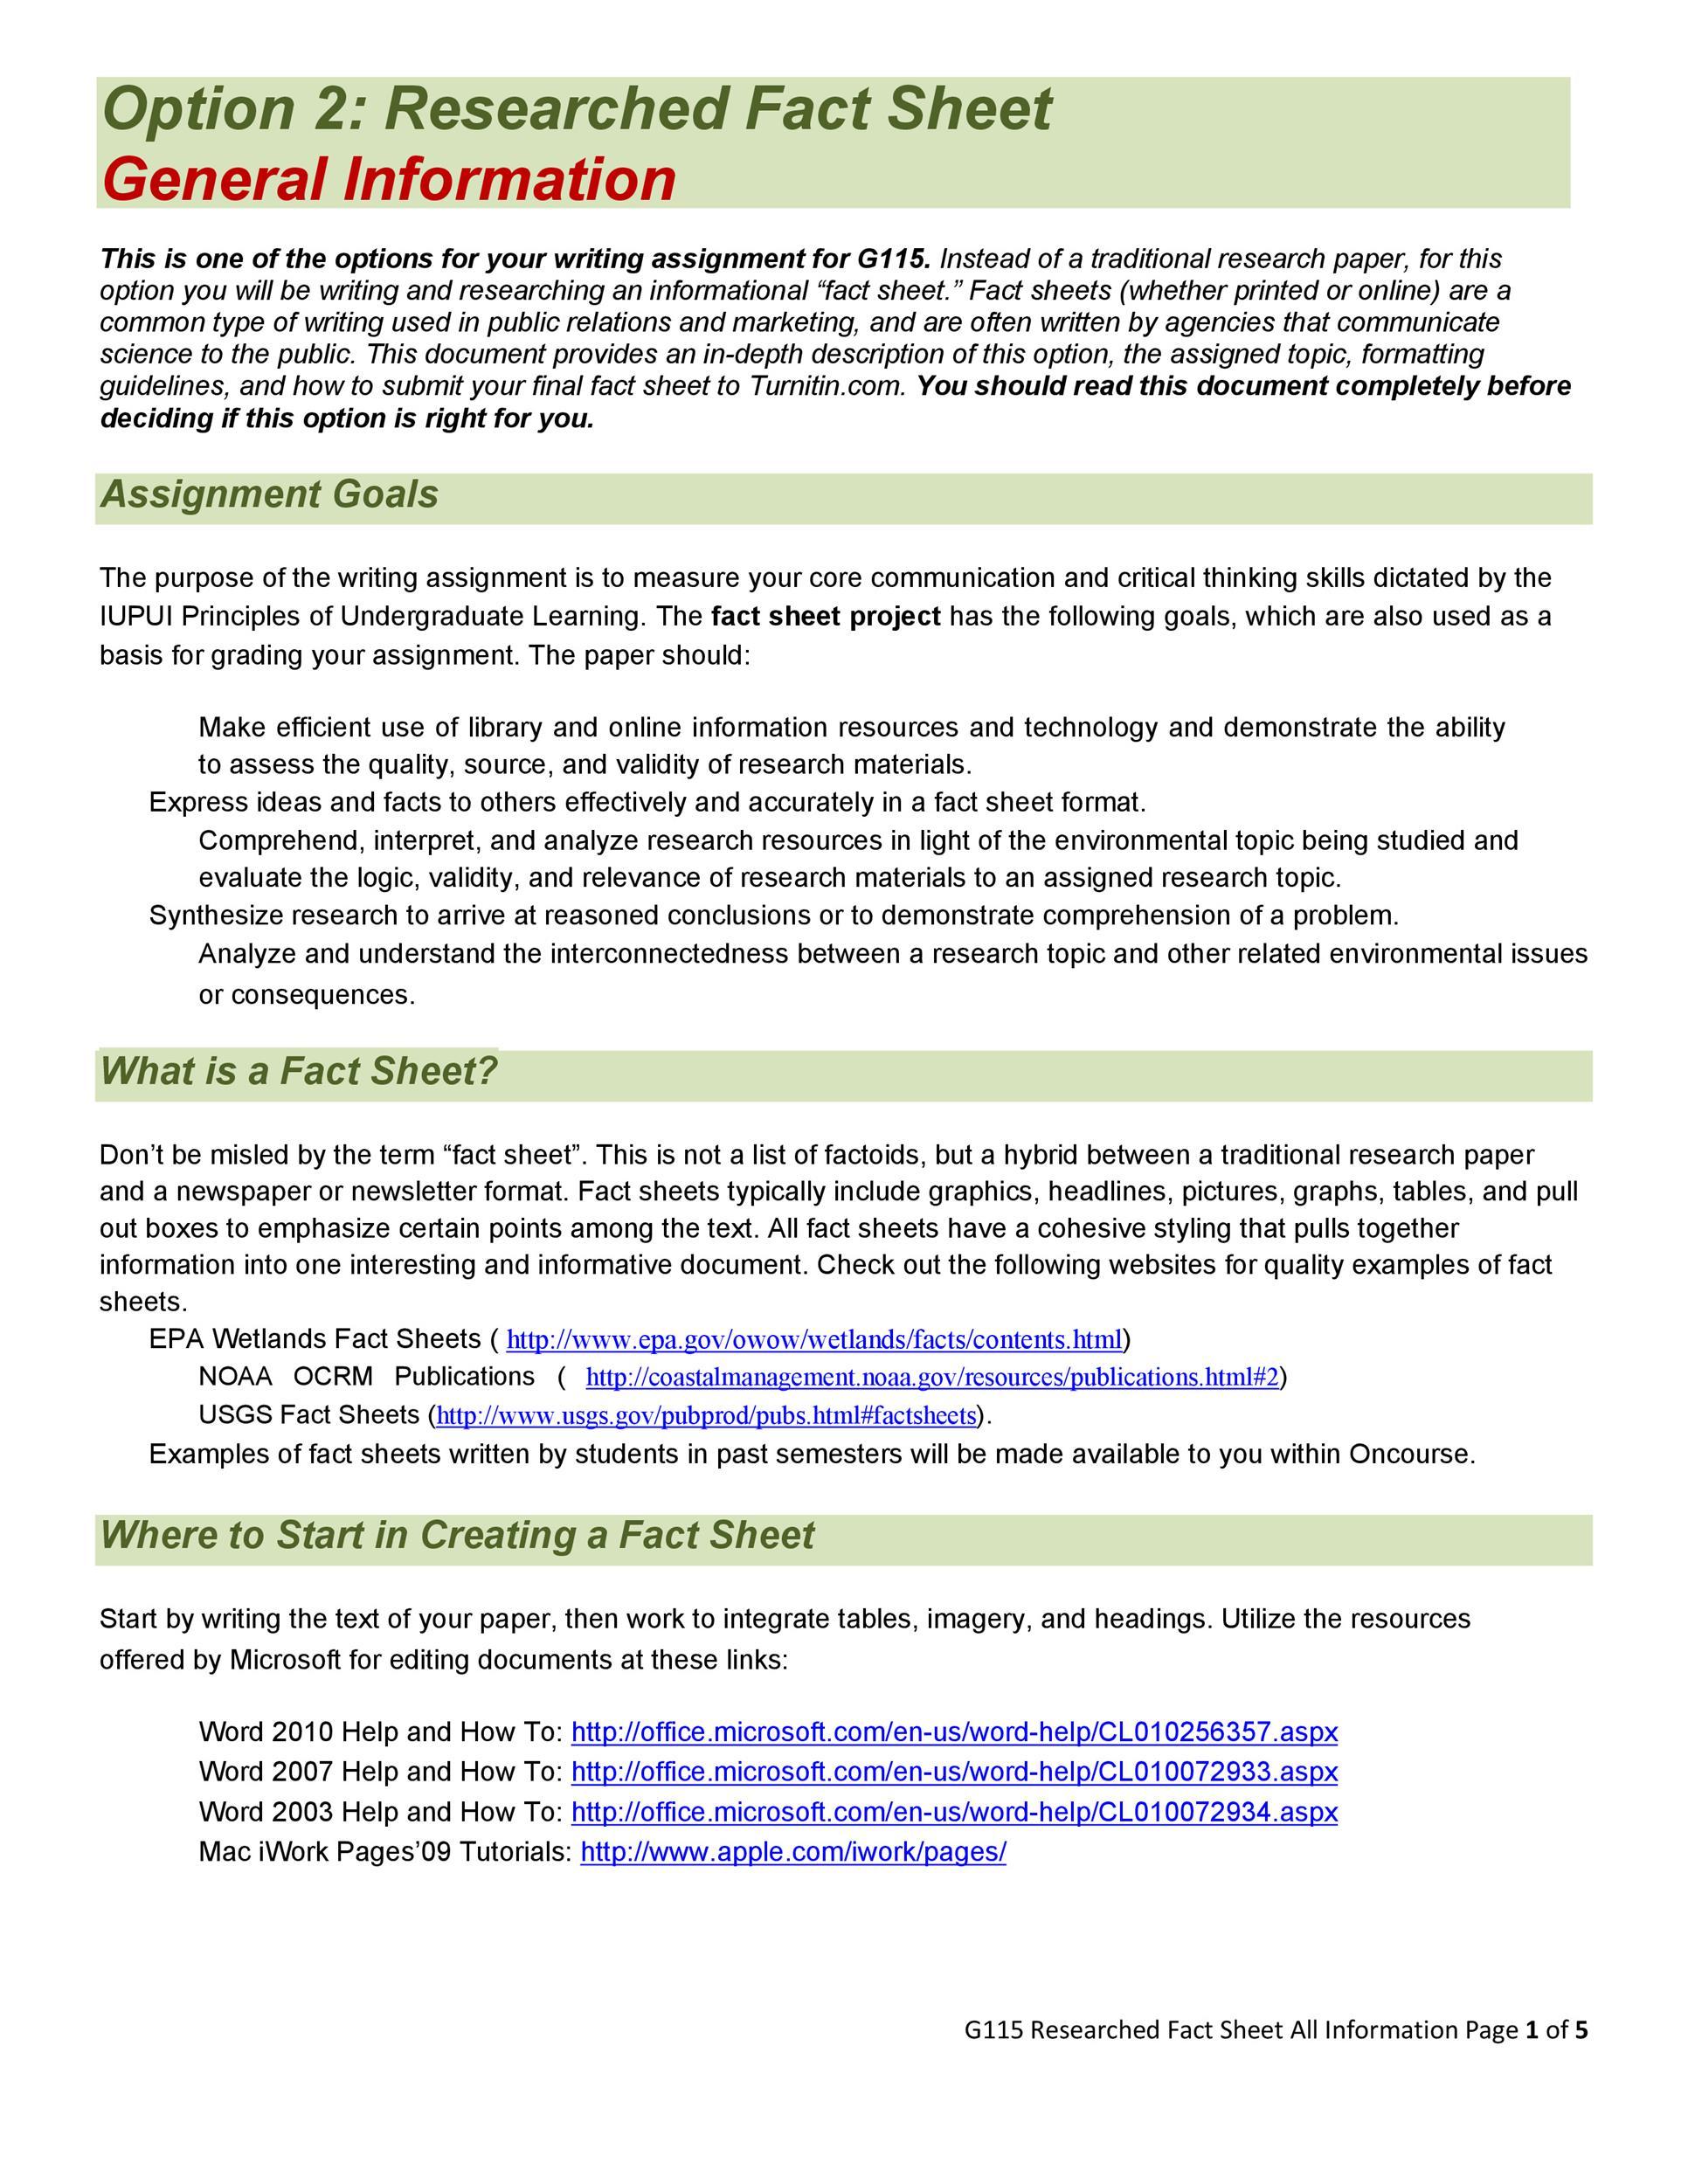 60+ Beautiful Fact Sheet Templates, Examples and Designs - fact sheet templates